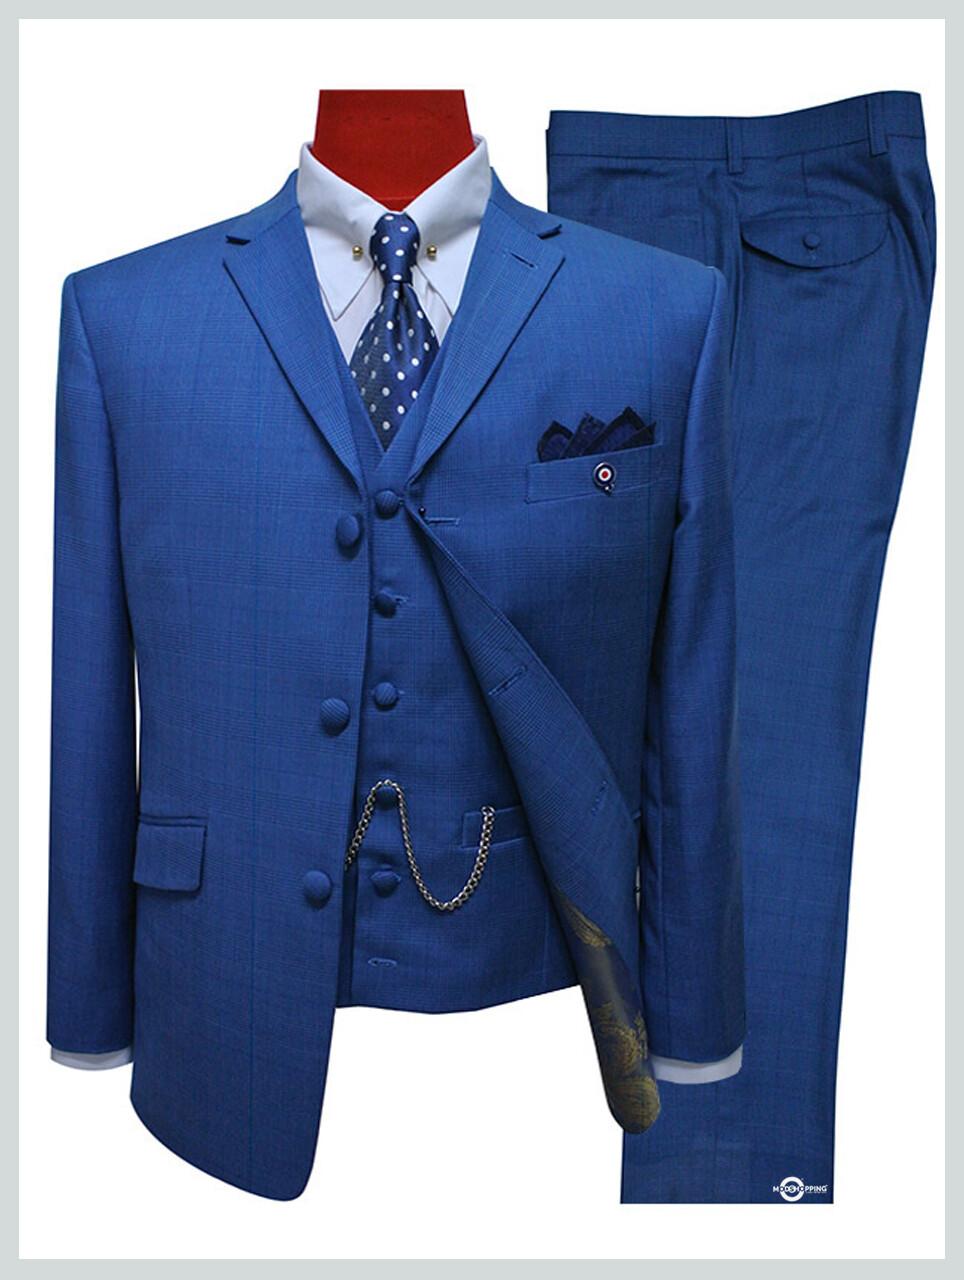 3 Piece Suit   Blue Prince Of Wales Check Suit